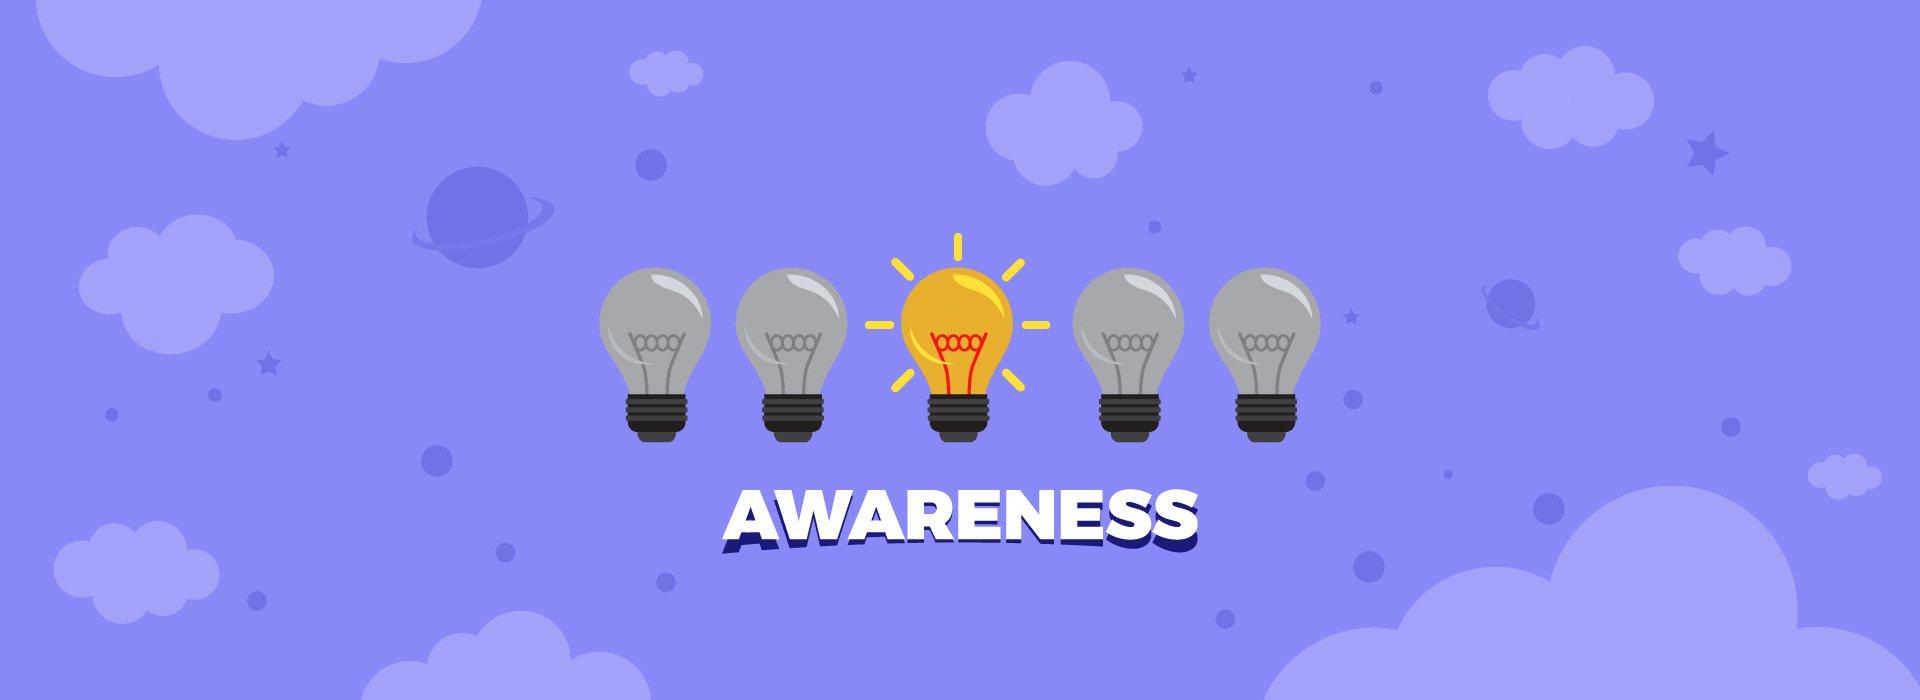 awareness 3.jpg